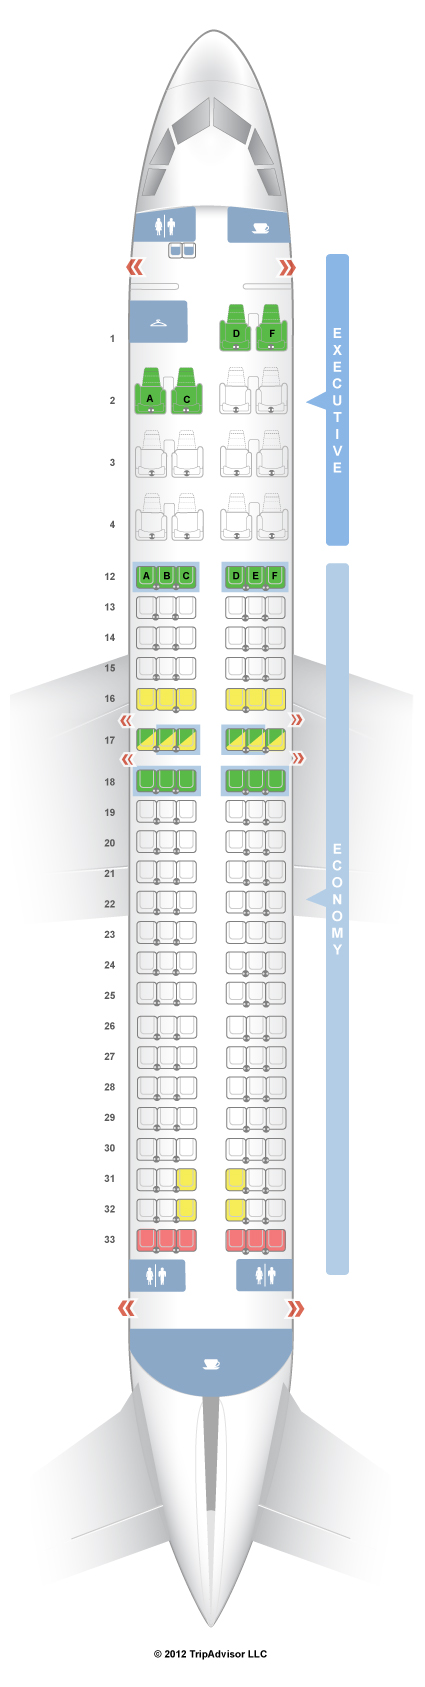 SeatGuru Seat Map Air Canada Airbus A320 (320) Air